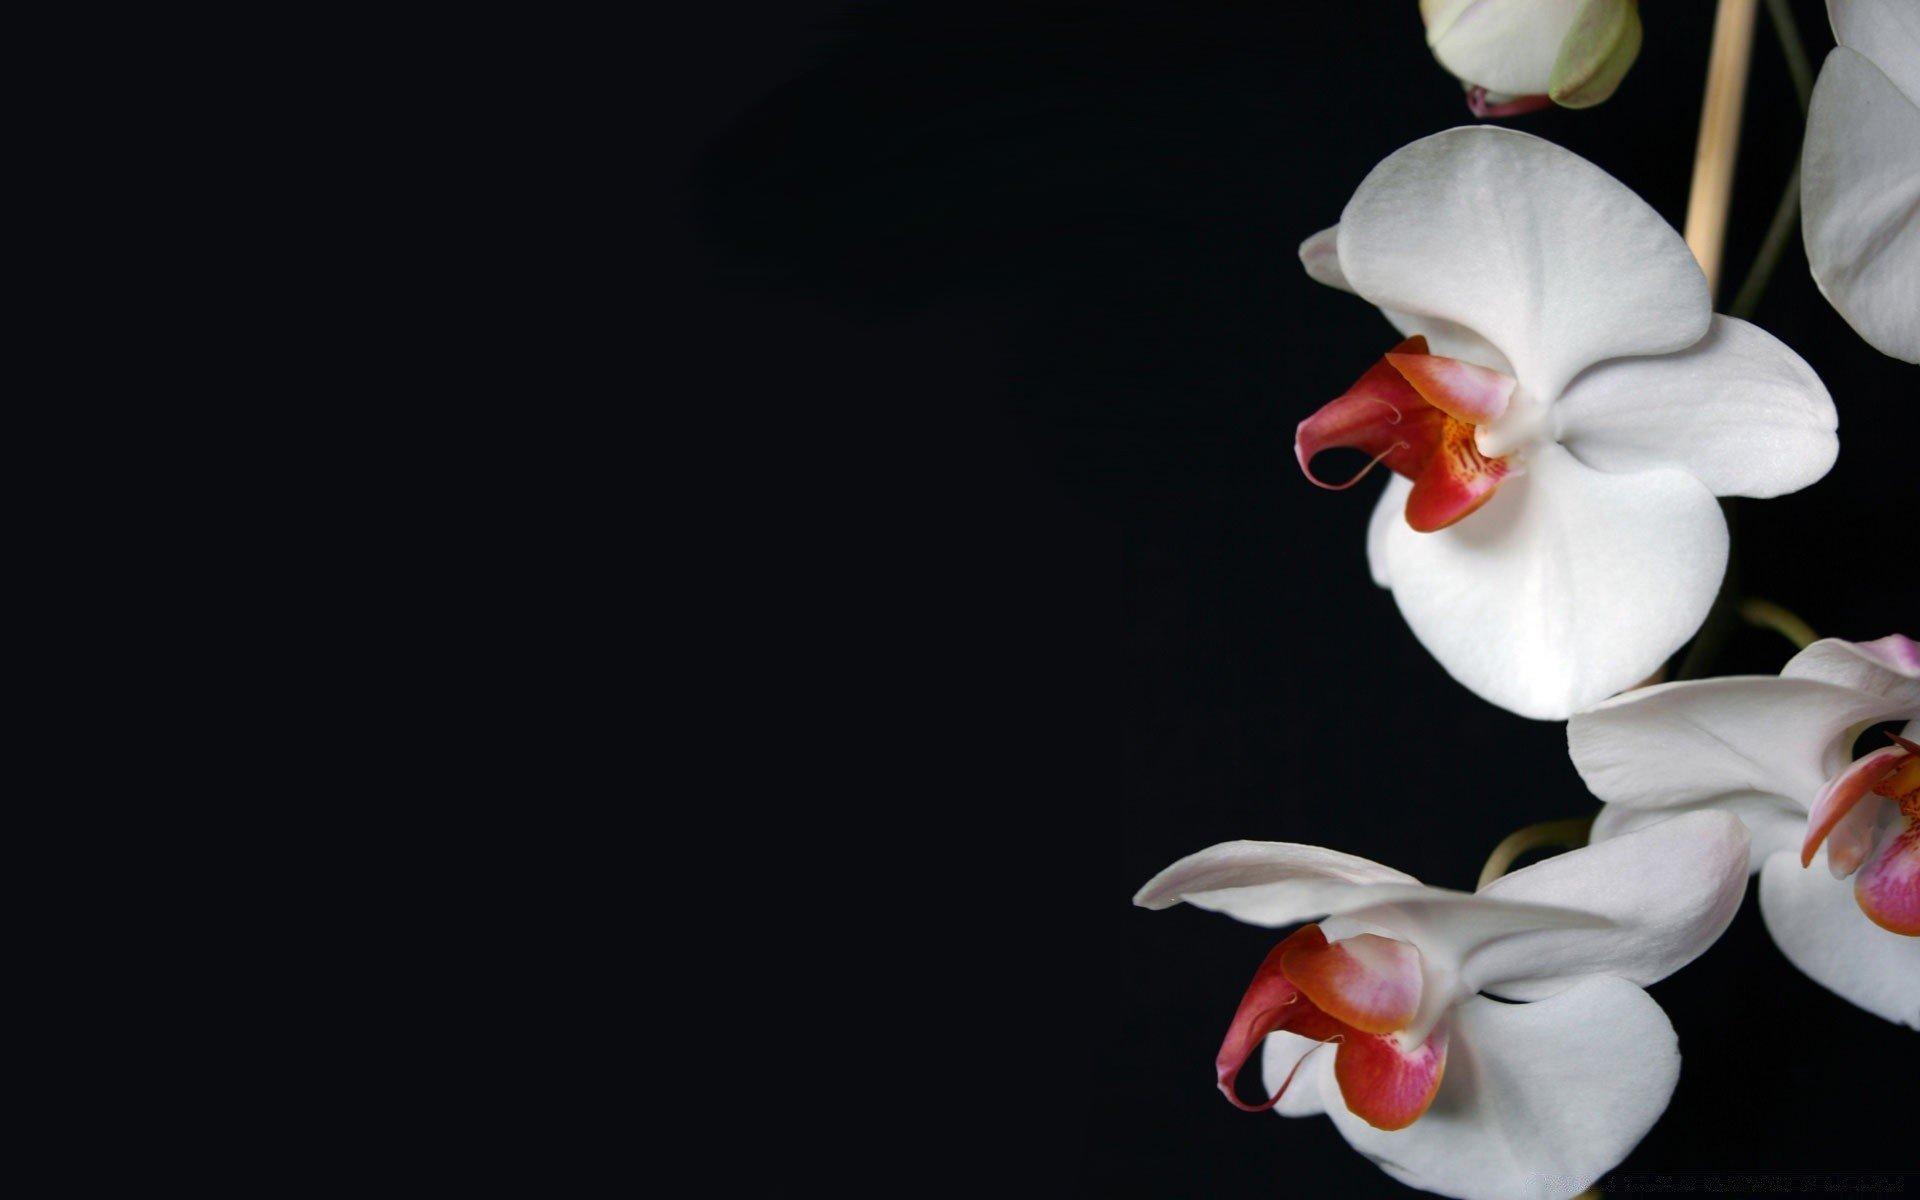 фото орхидей на черном фоне высокого качества один крупнейших